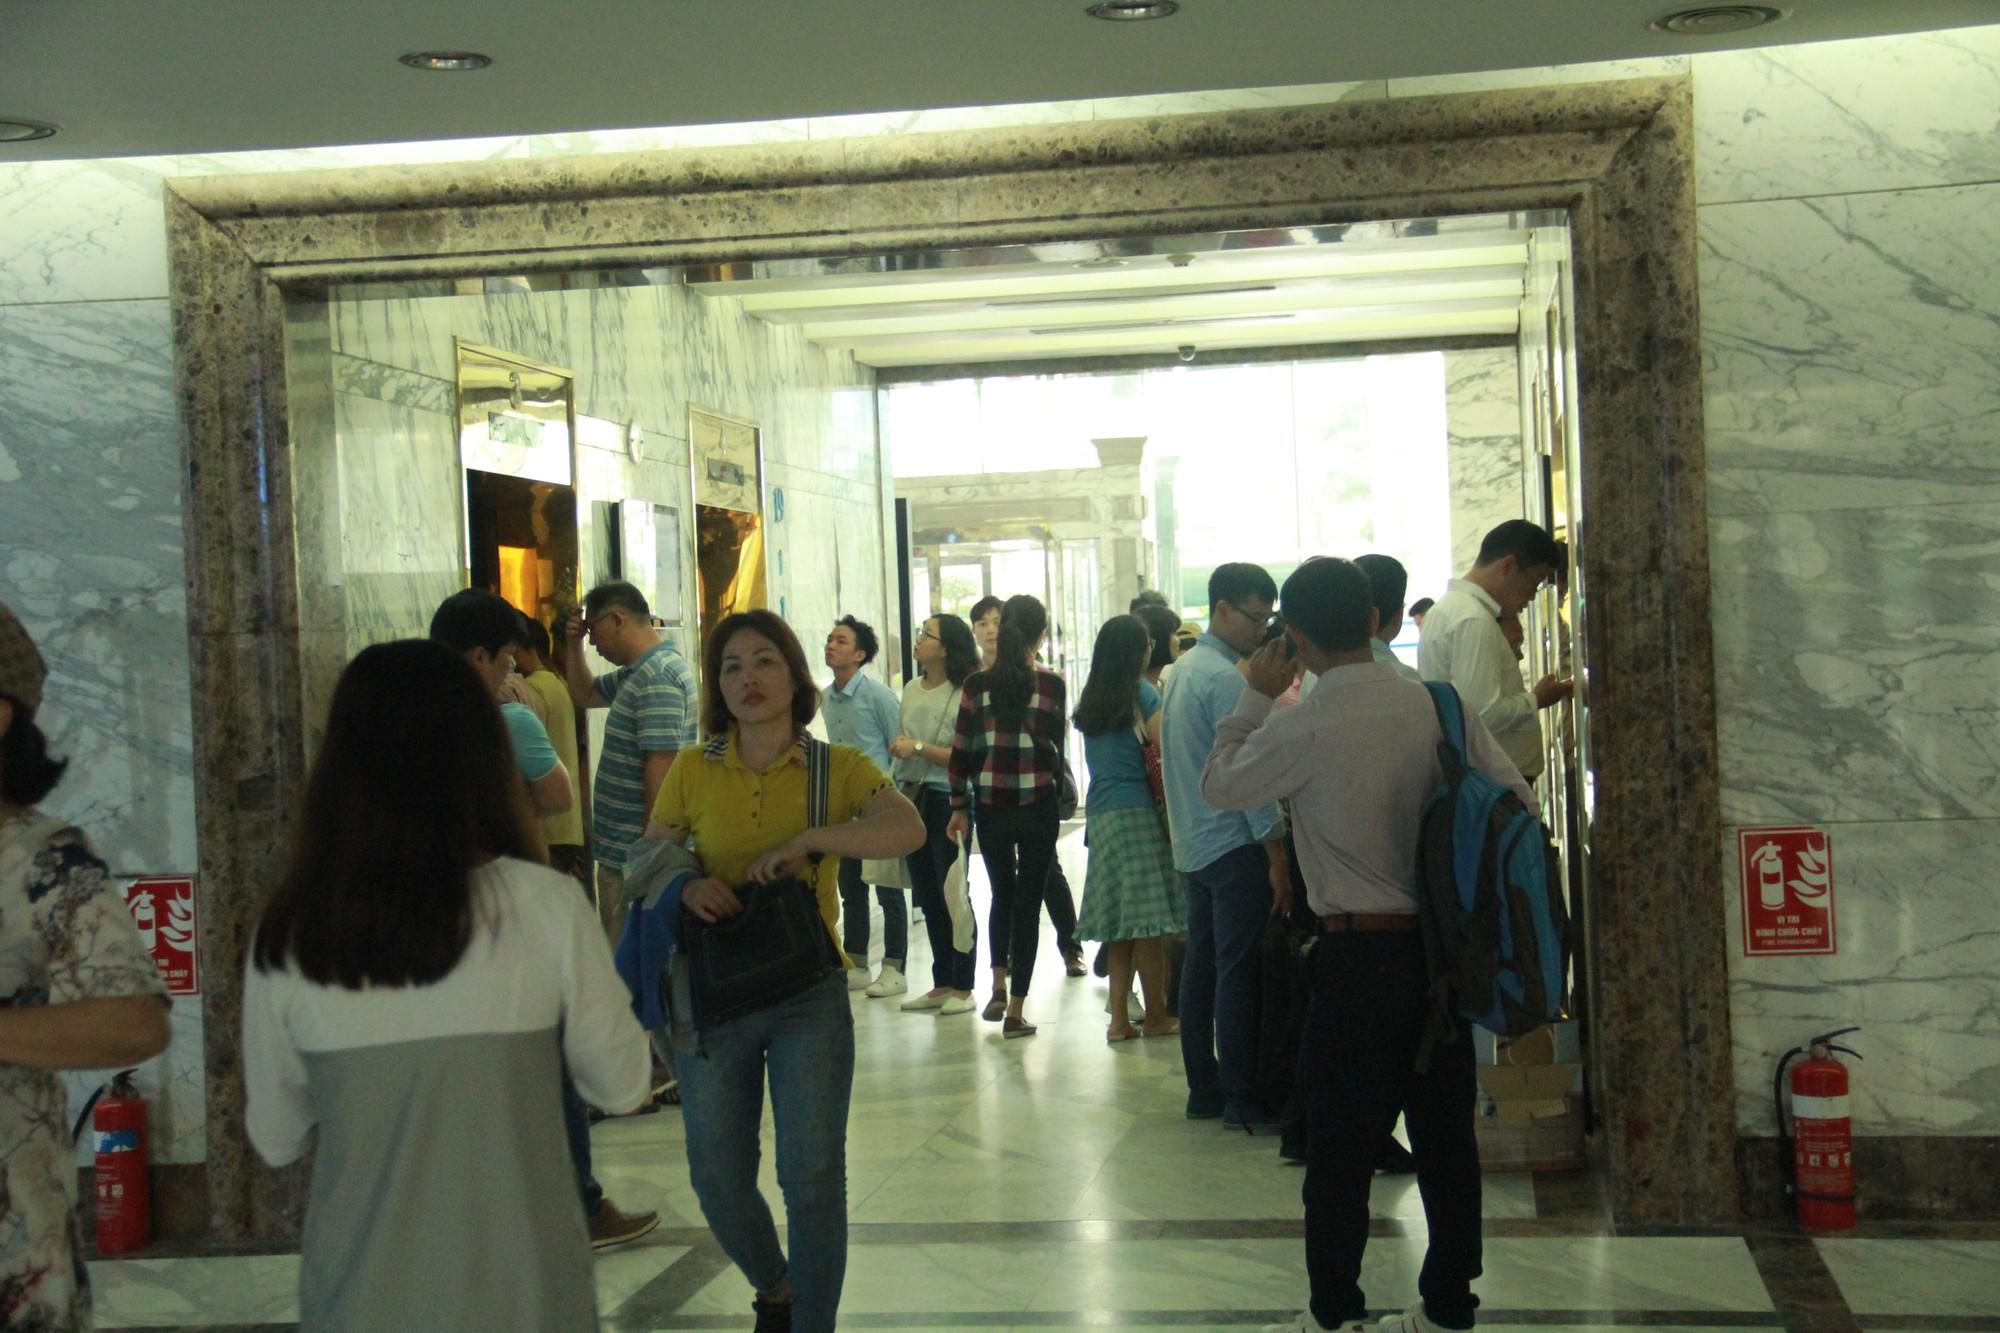 Cận cảnh hàng nghìn người xếp hàng trước Đại sứ quán Hàn Quốc chờ làm visa - Ảnh 11.